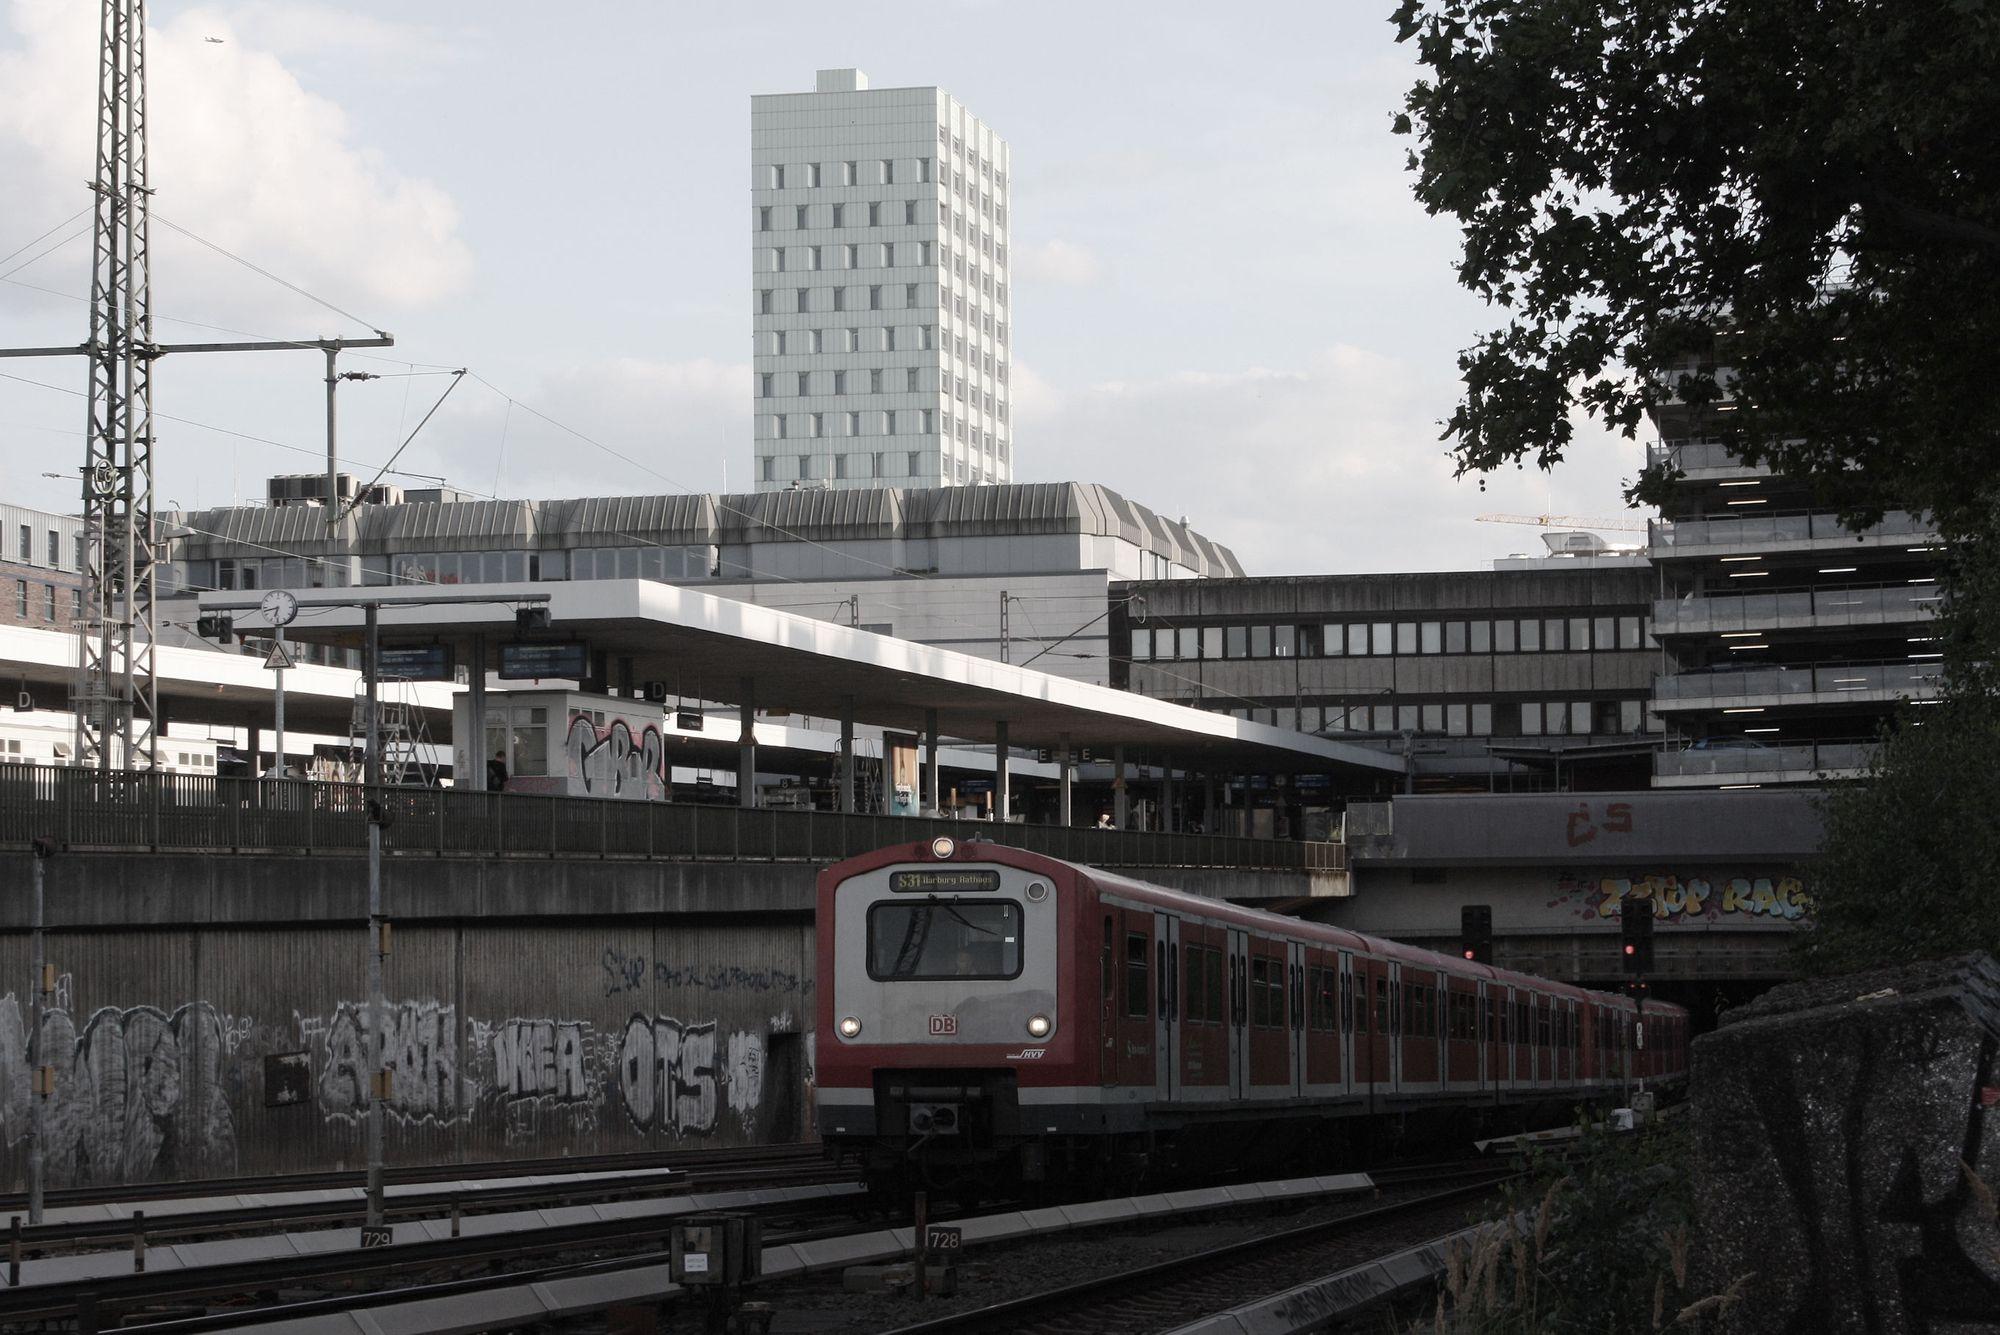 Die S31 auf dem Weg nach Harburg Rathaus. Schönen Feierabend!   #trashletics #altonatrashletics #altona #hamburg #lovehamburg #welovehh #moin #welovehamburg #typischhamburg #hamburgliebe #hh #040 #elbe #urban #hvvultras #wasdiggawas #trainspotter #472 #473 #sbahn #sbahnhamburg